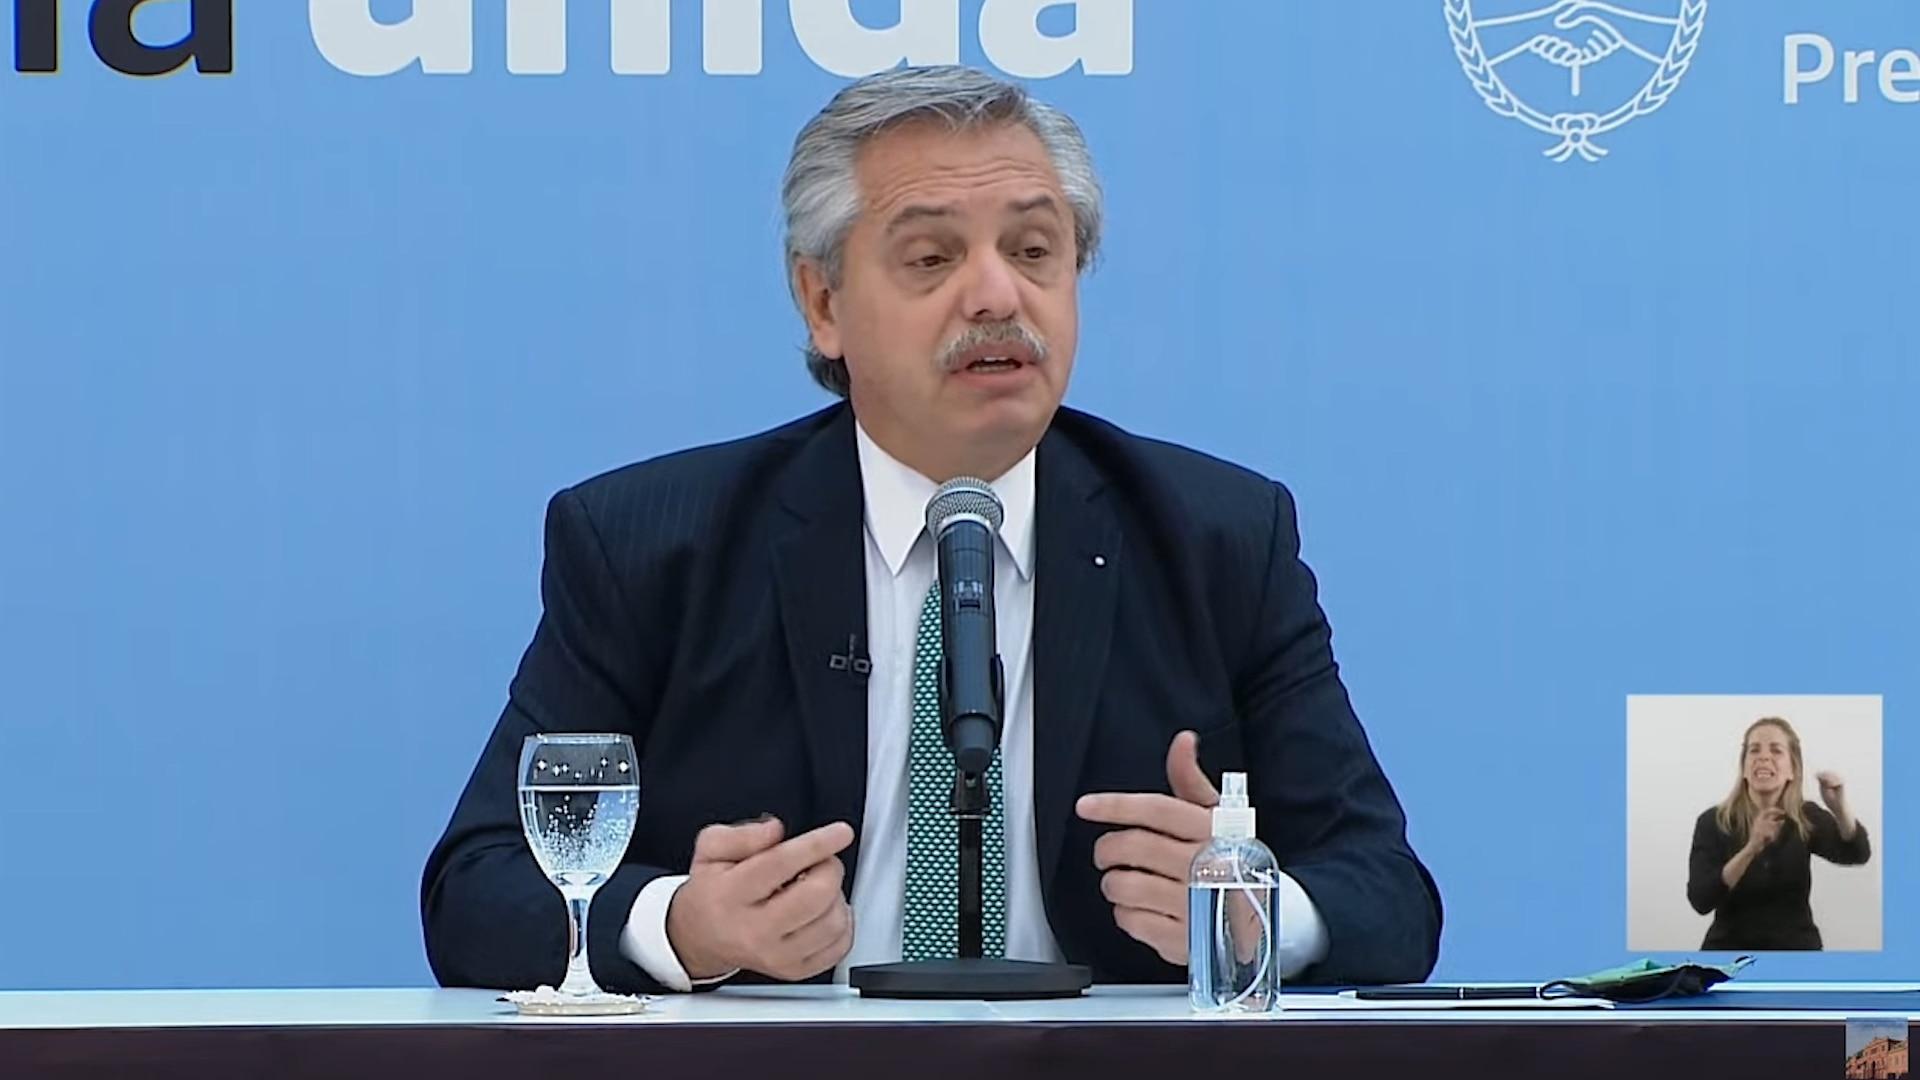 El presidente Alberto Fernández anunció la puesta en marcha del DNI para personas no binarias